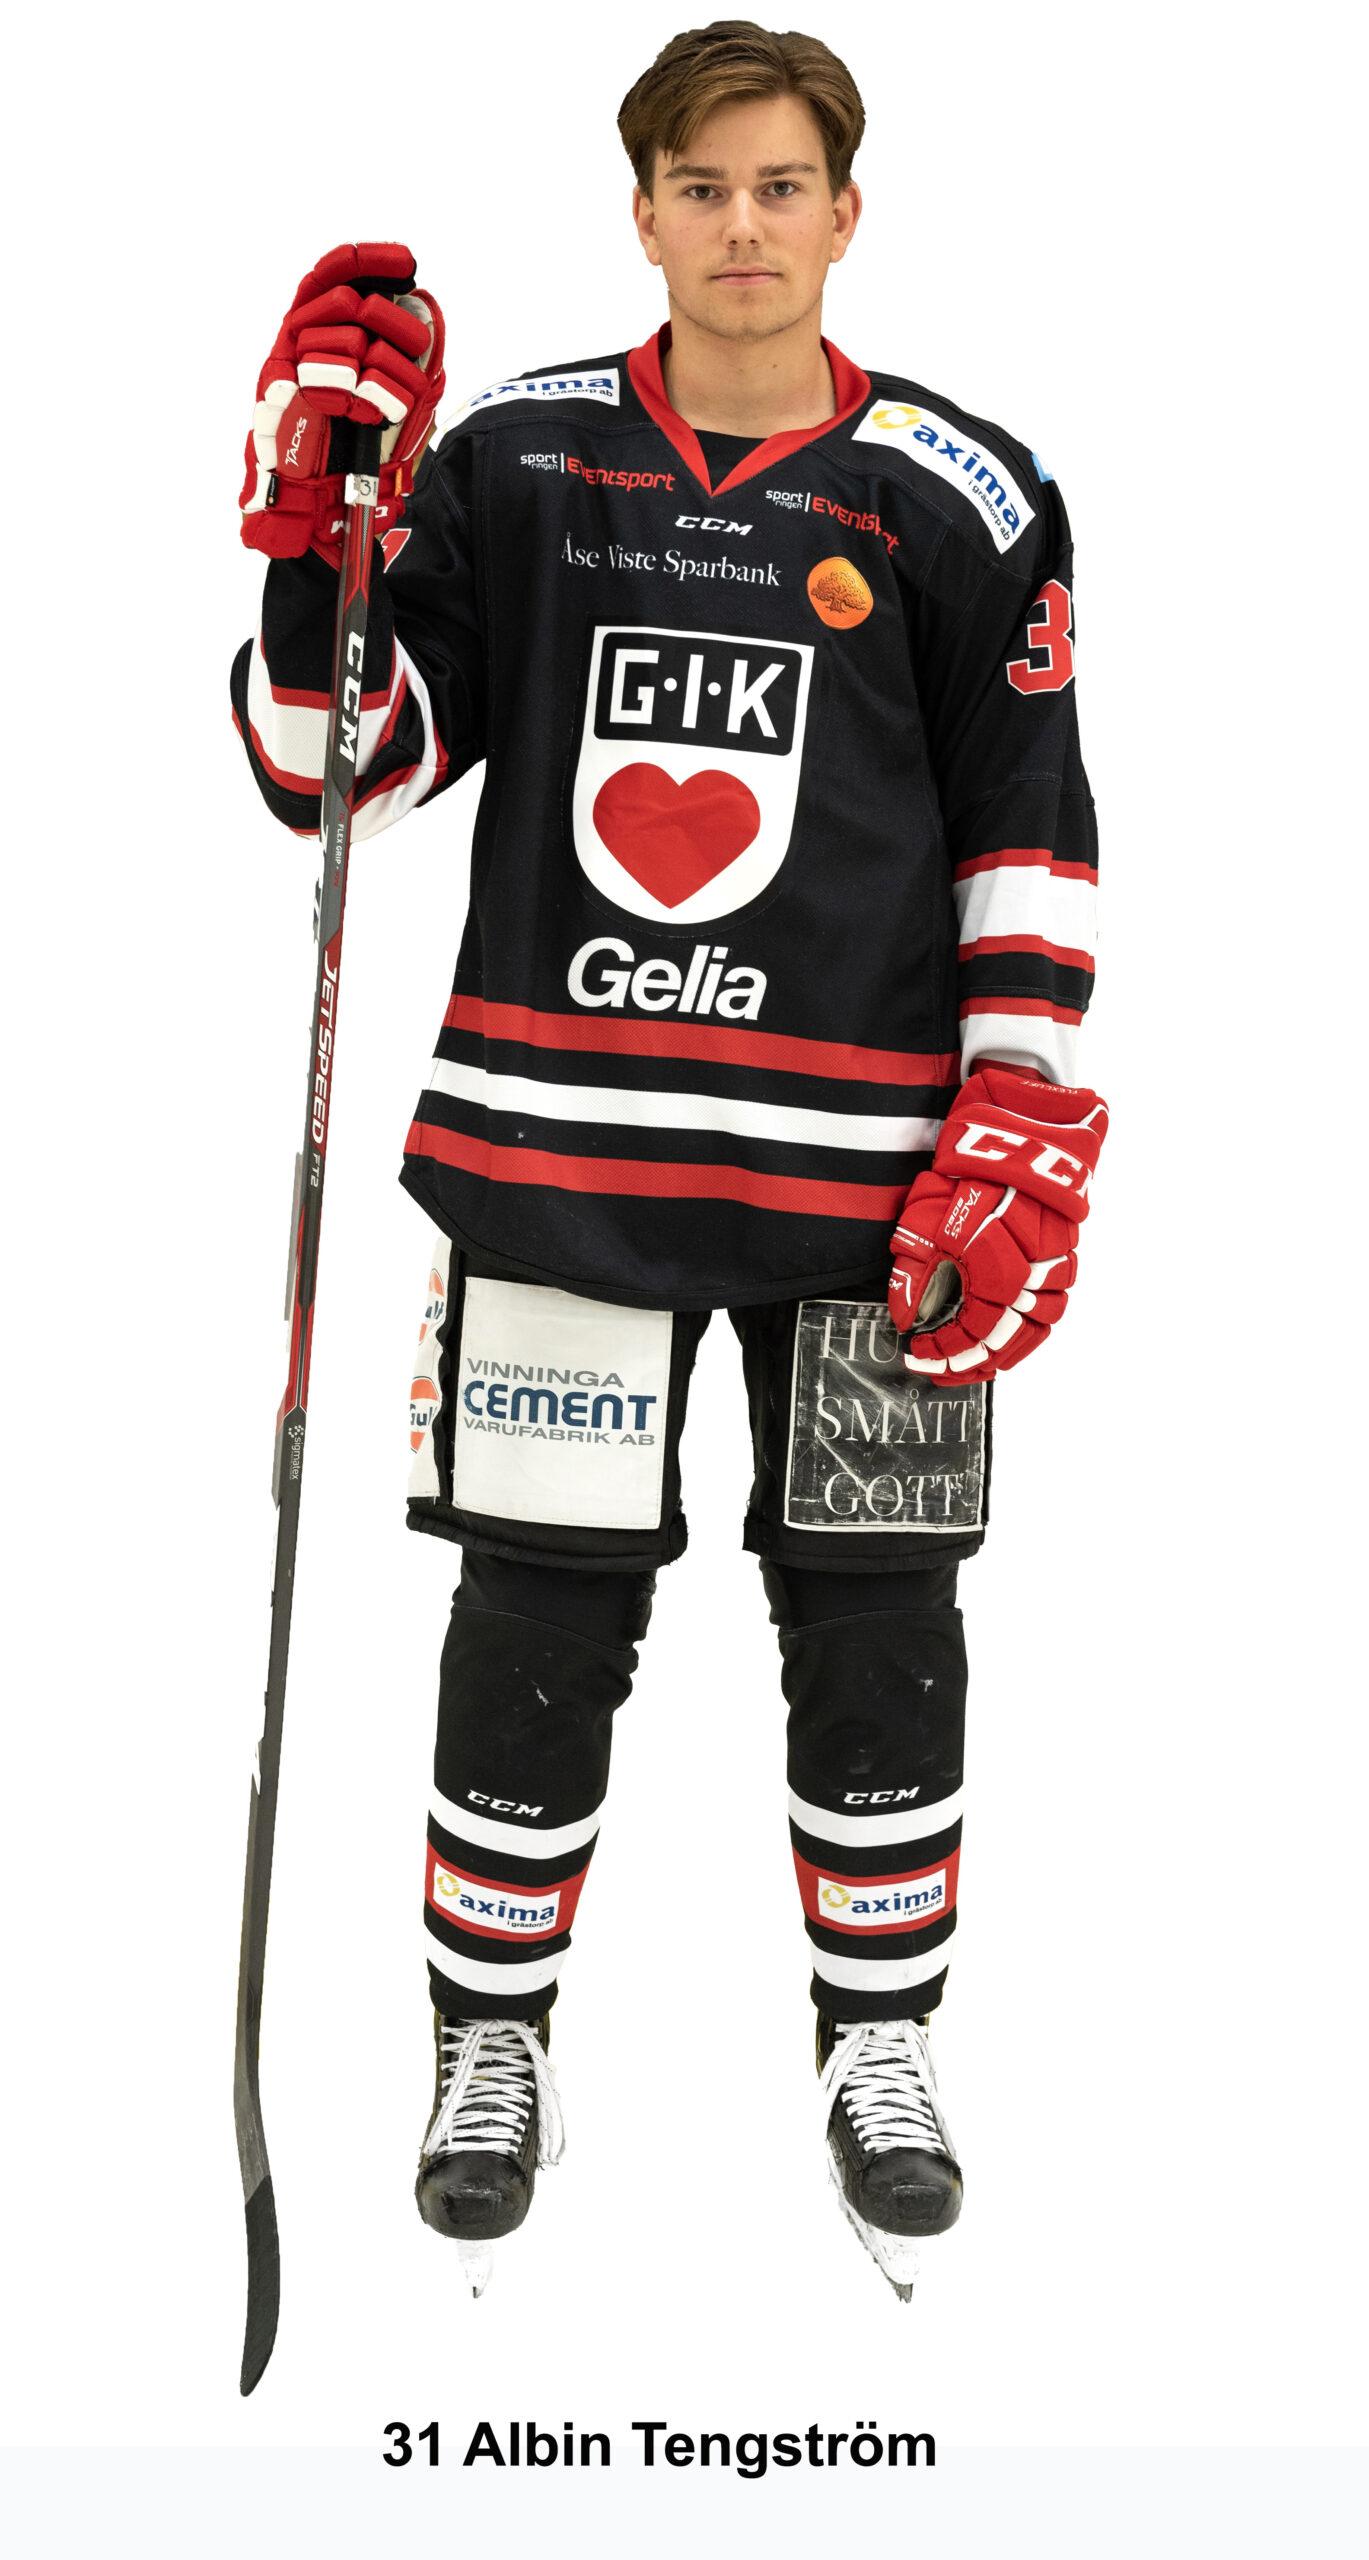 Albin Tengström